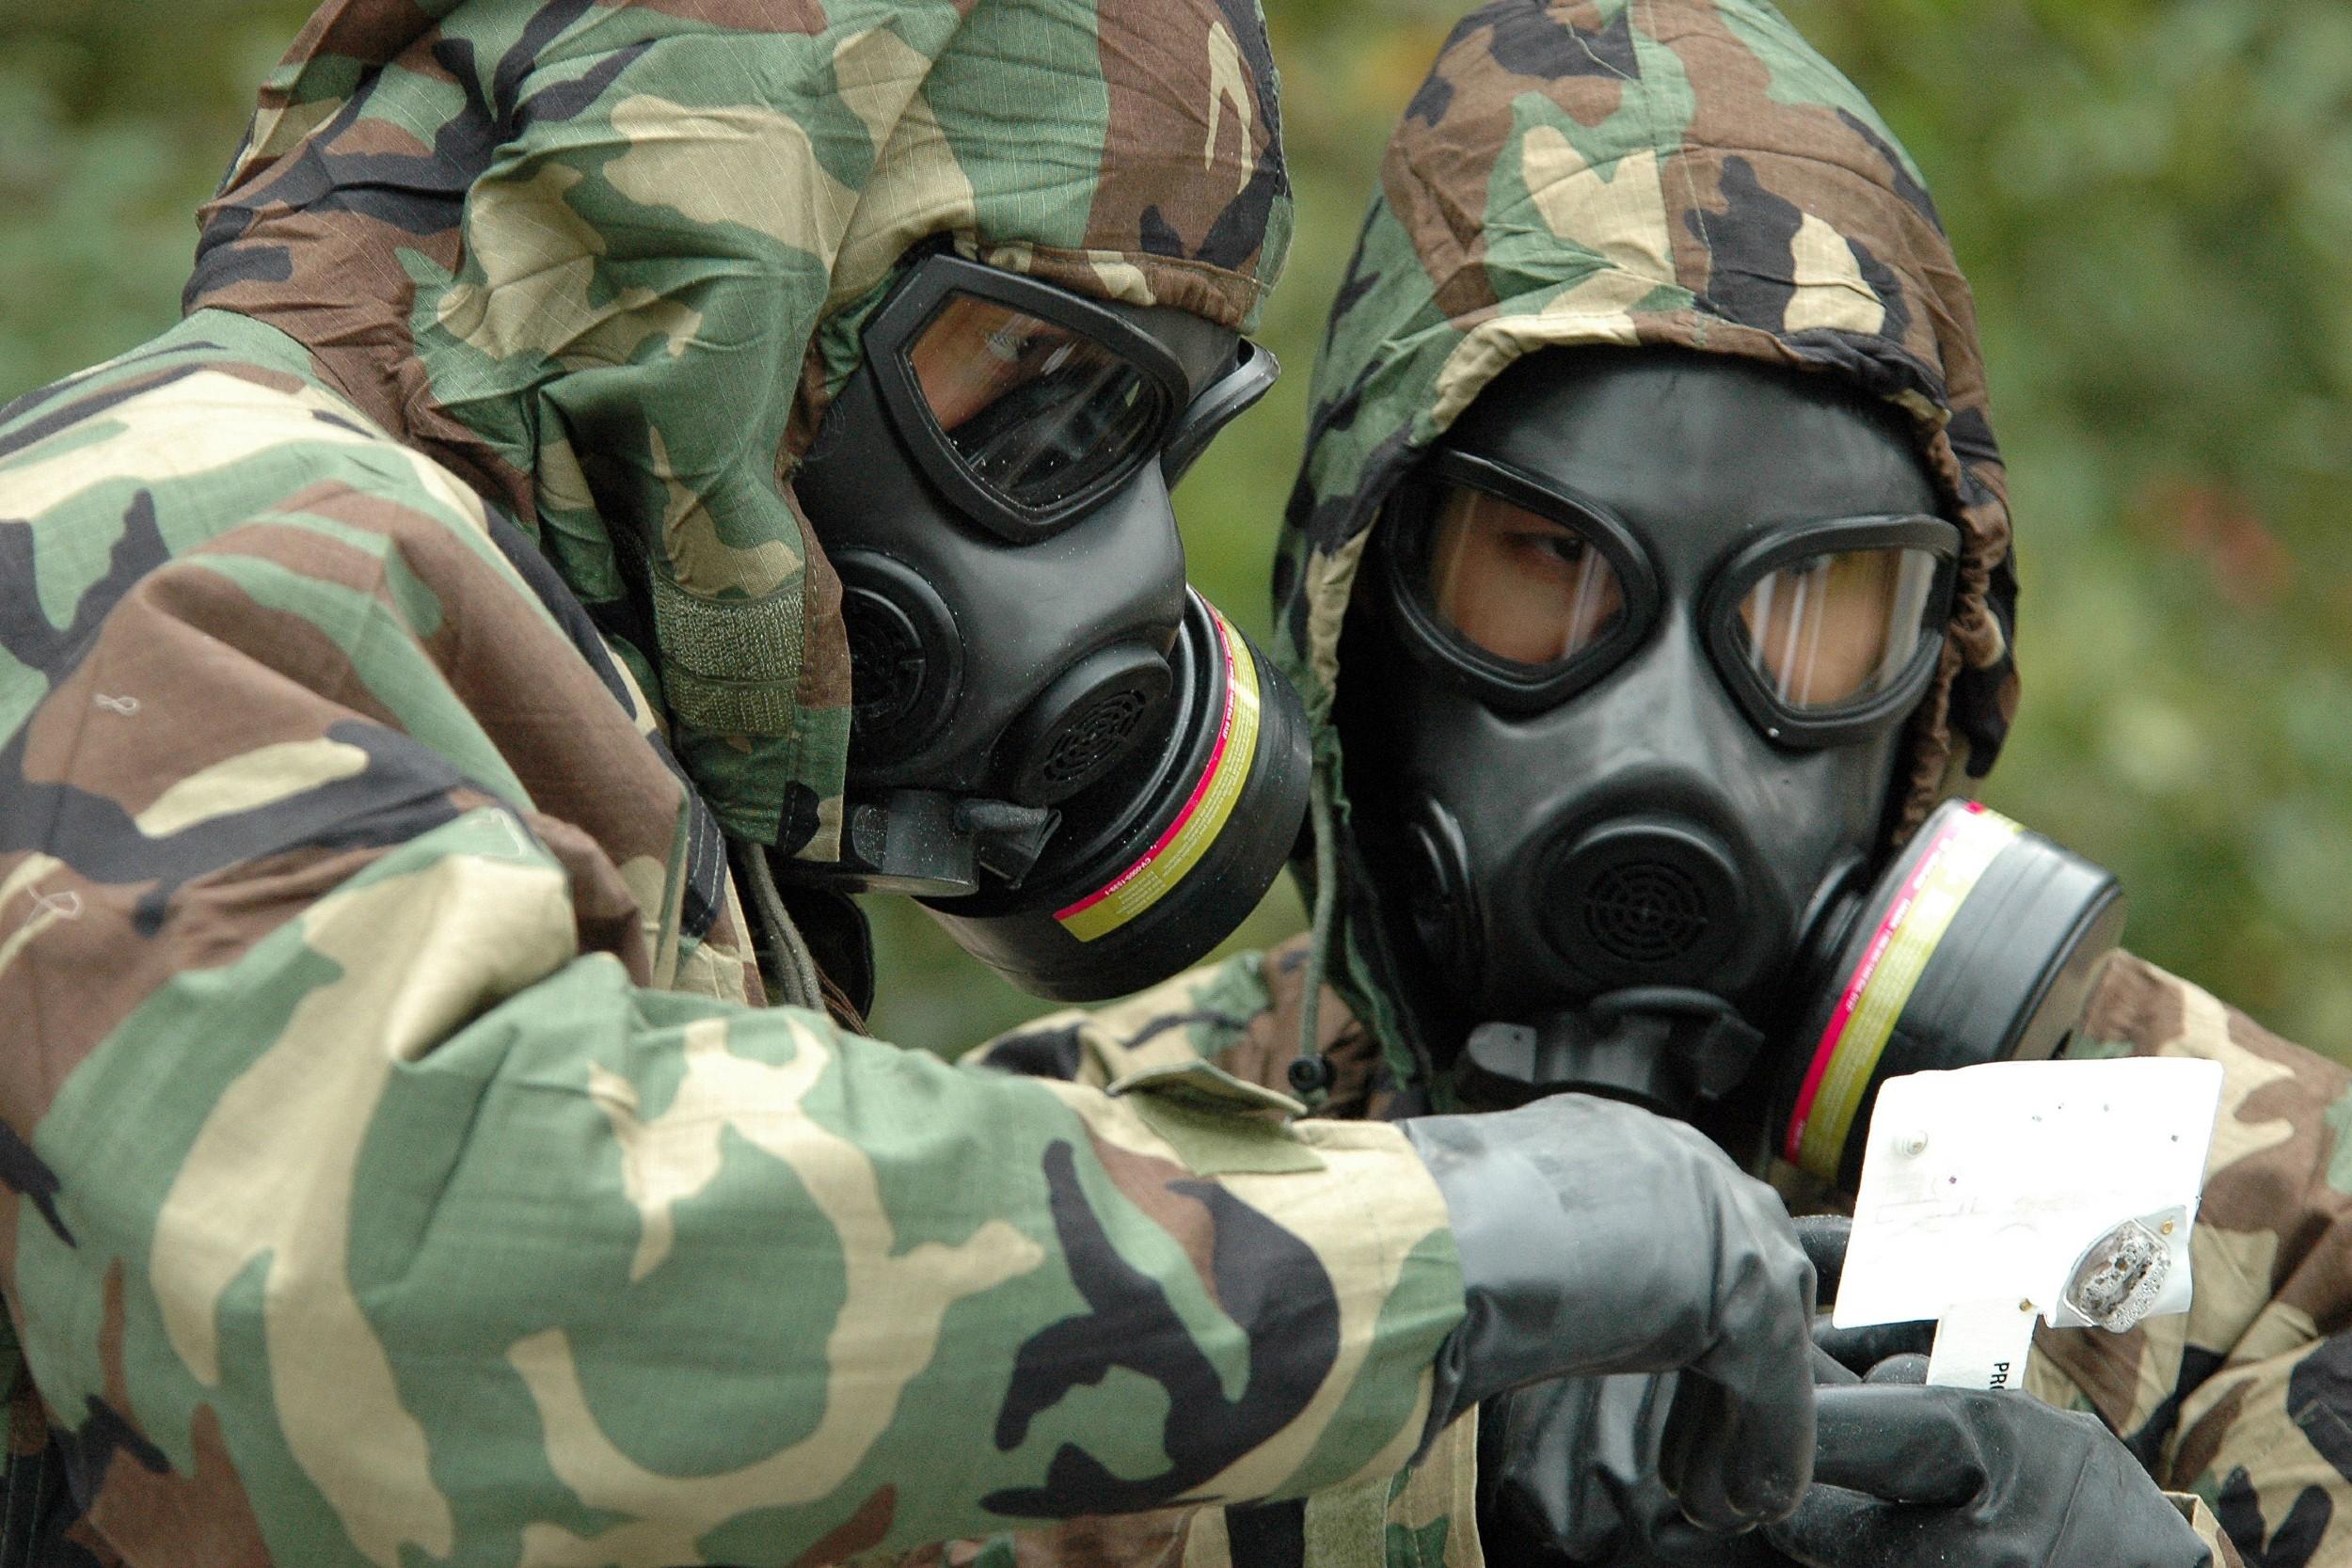 Амерички војници разговарају током војне вежбе у којој је симулирано хемијско ратовање (Фото: U.S. Navy photo by Mass Communication Specialist Apprentice Joshua Nuzzo)